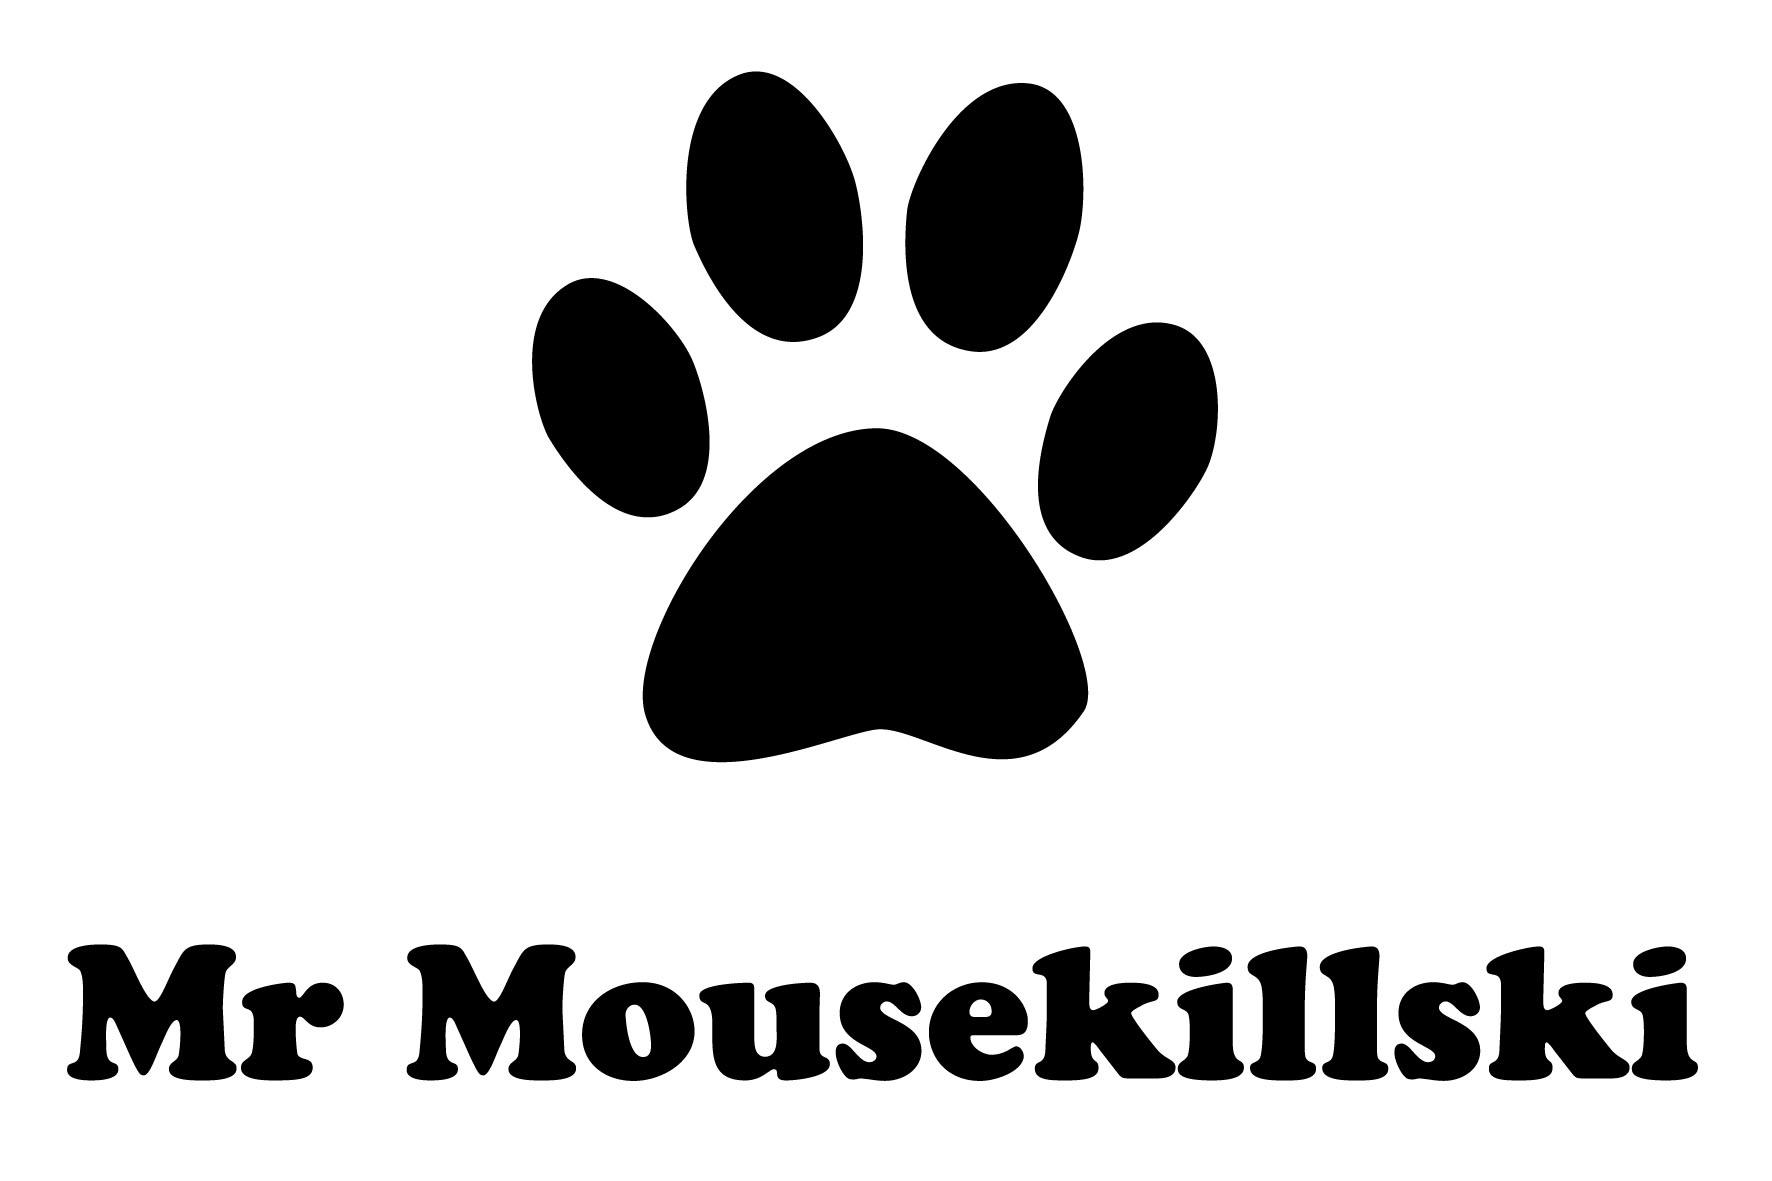 Logo Mr Mousekillski